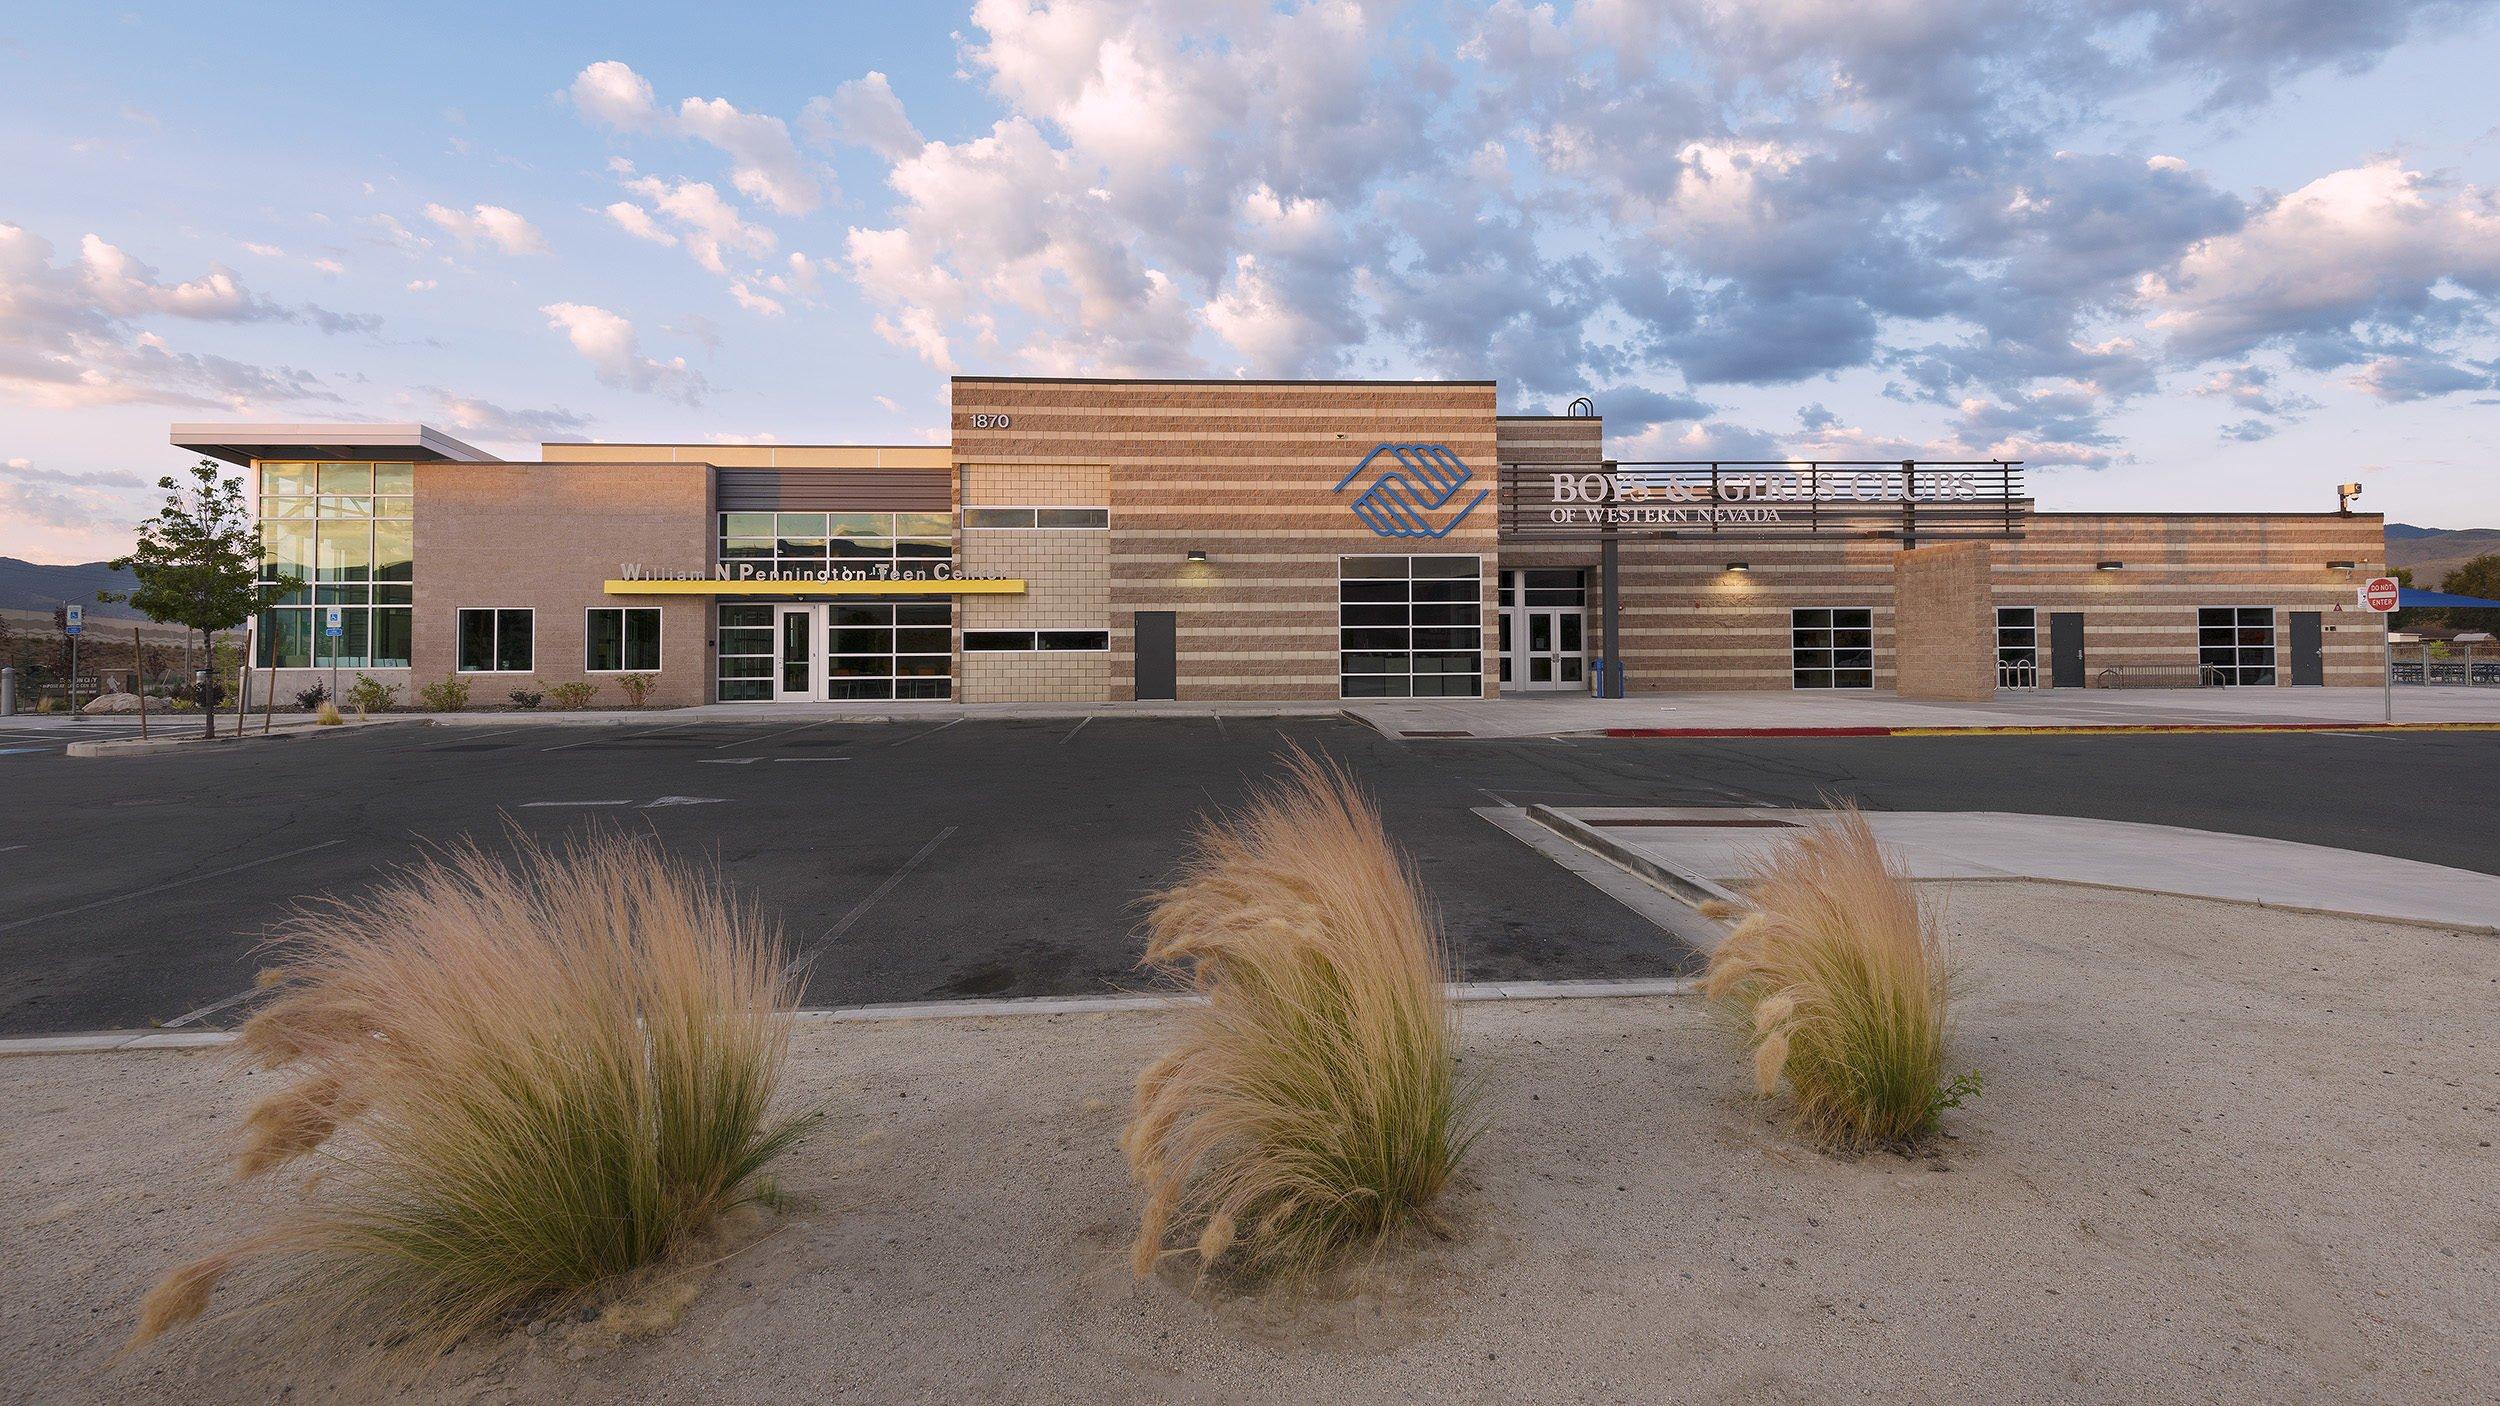 1 Teen Center North Elevation CROP_DSC4083